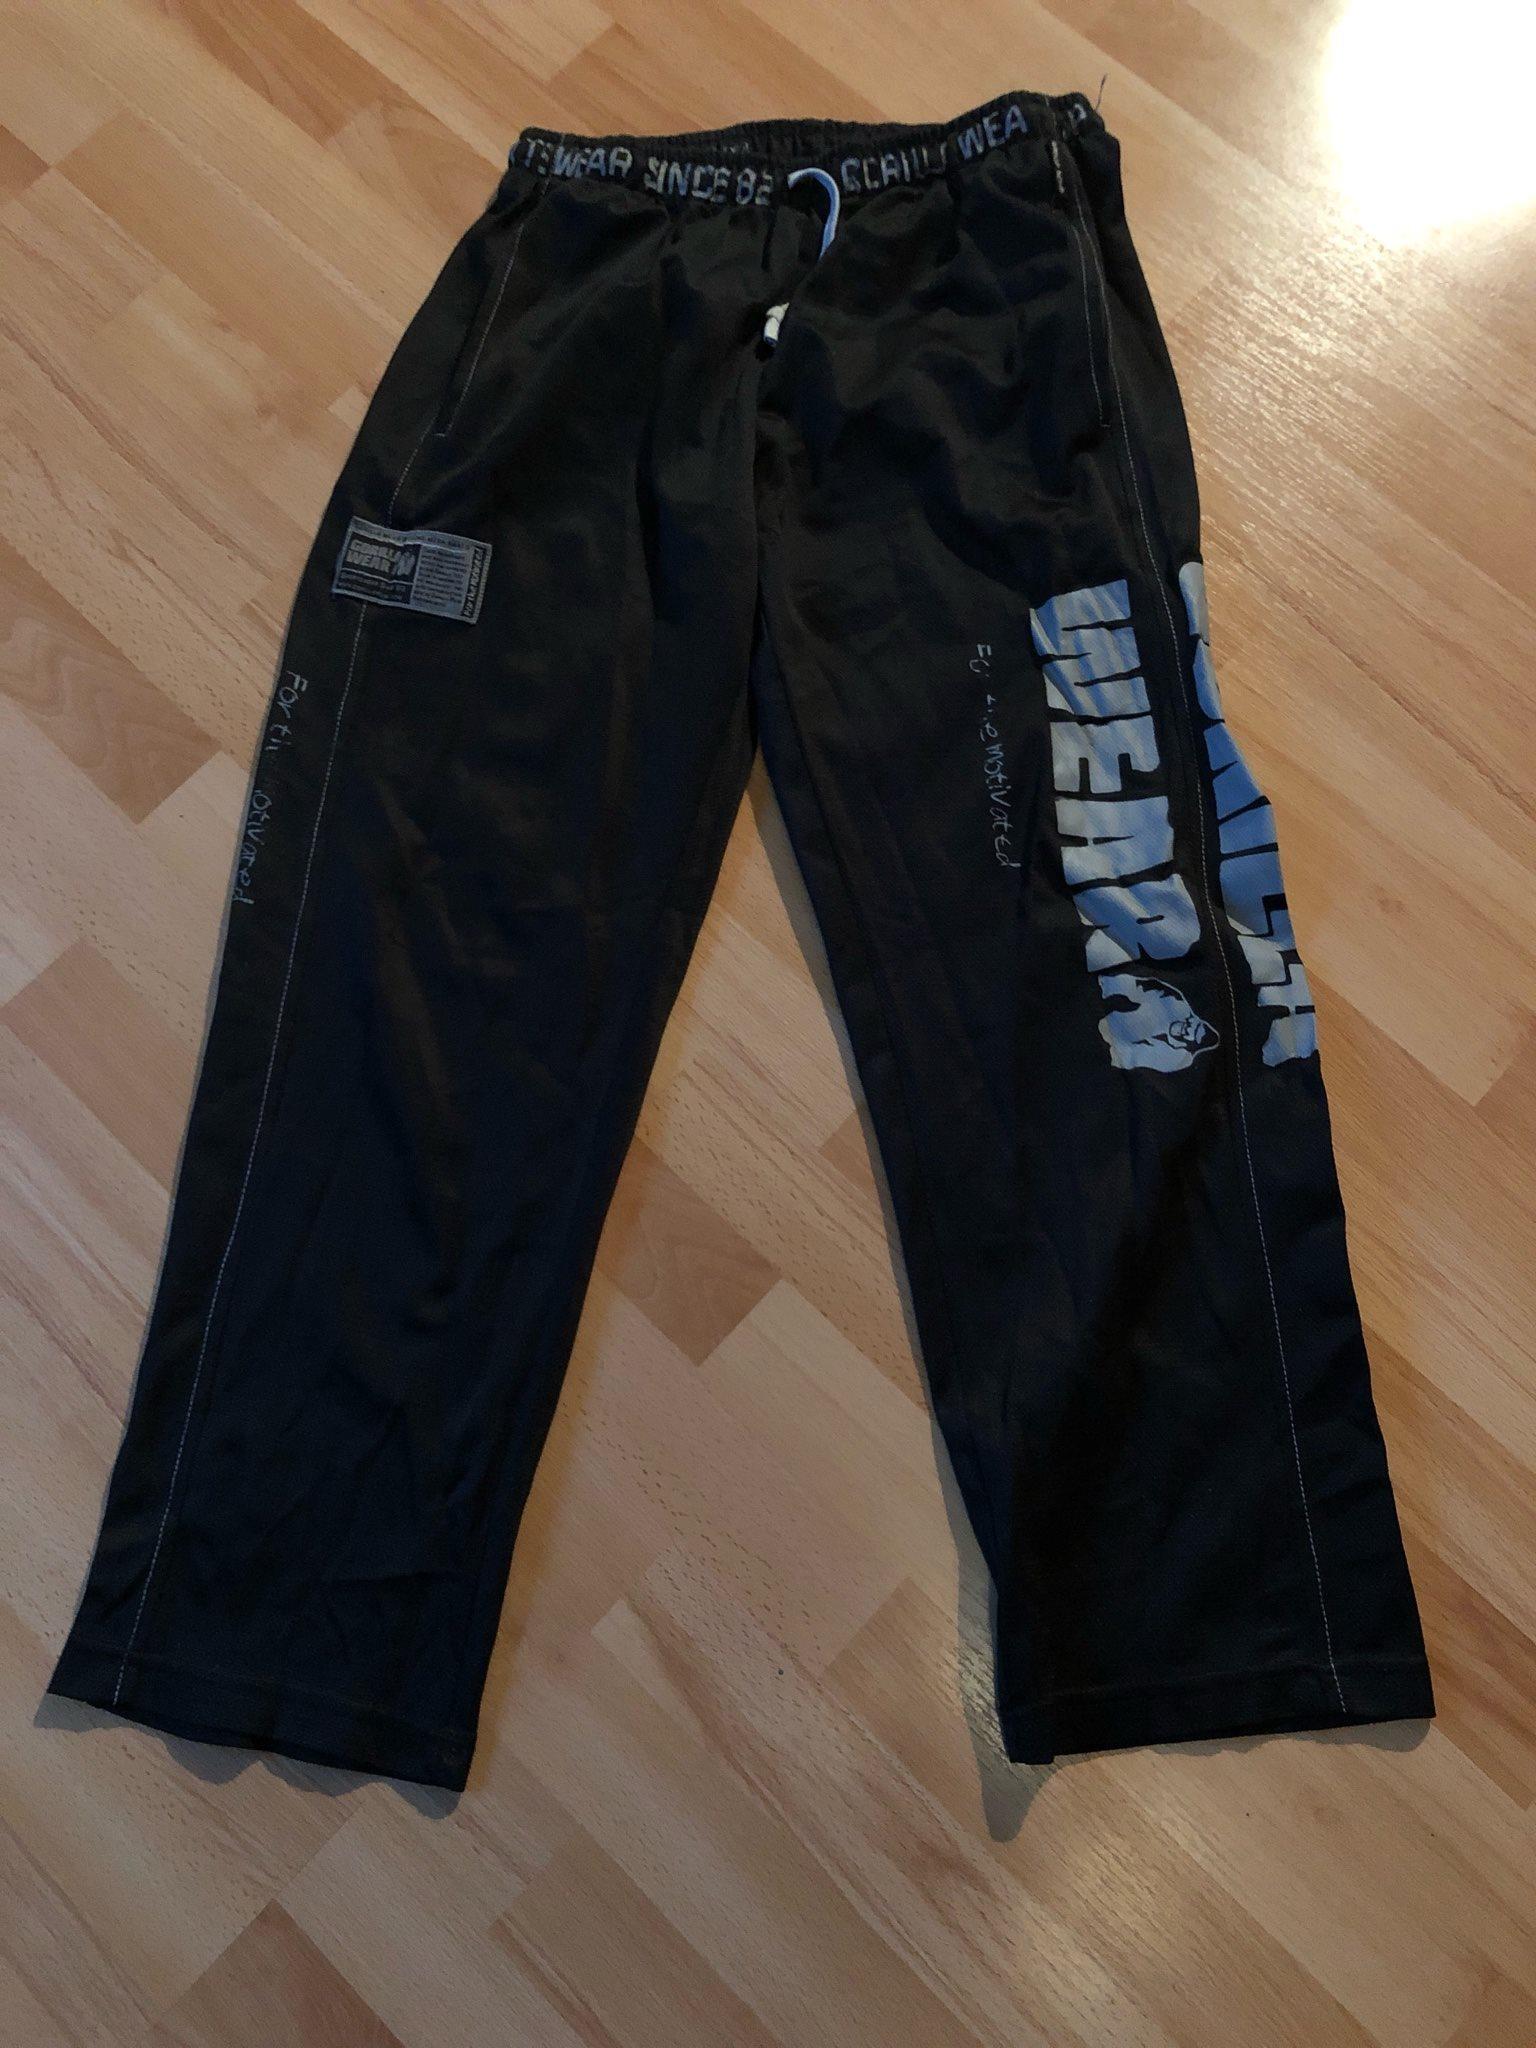 Gorilla wear gym byxor (337376113) ᐈ Köp på Tradera 9ab4692416400